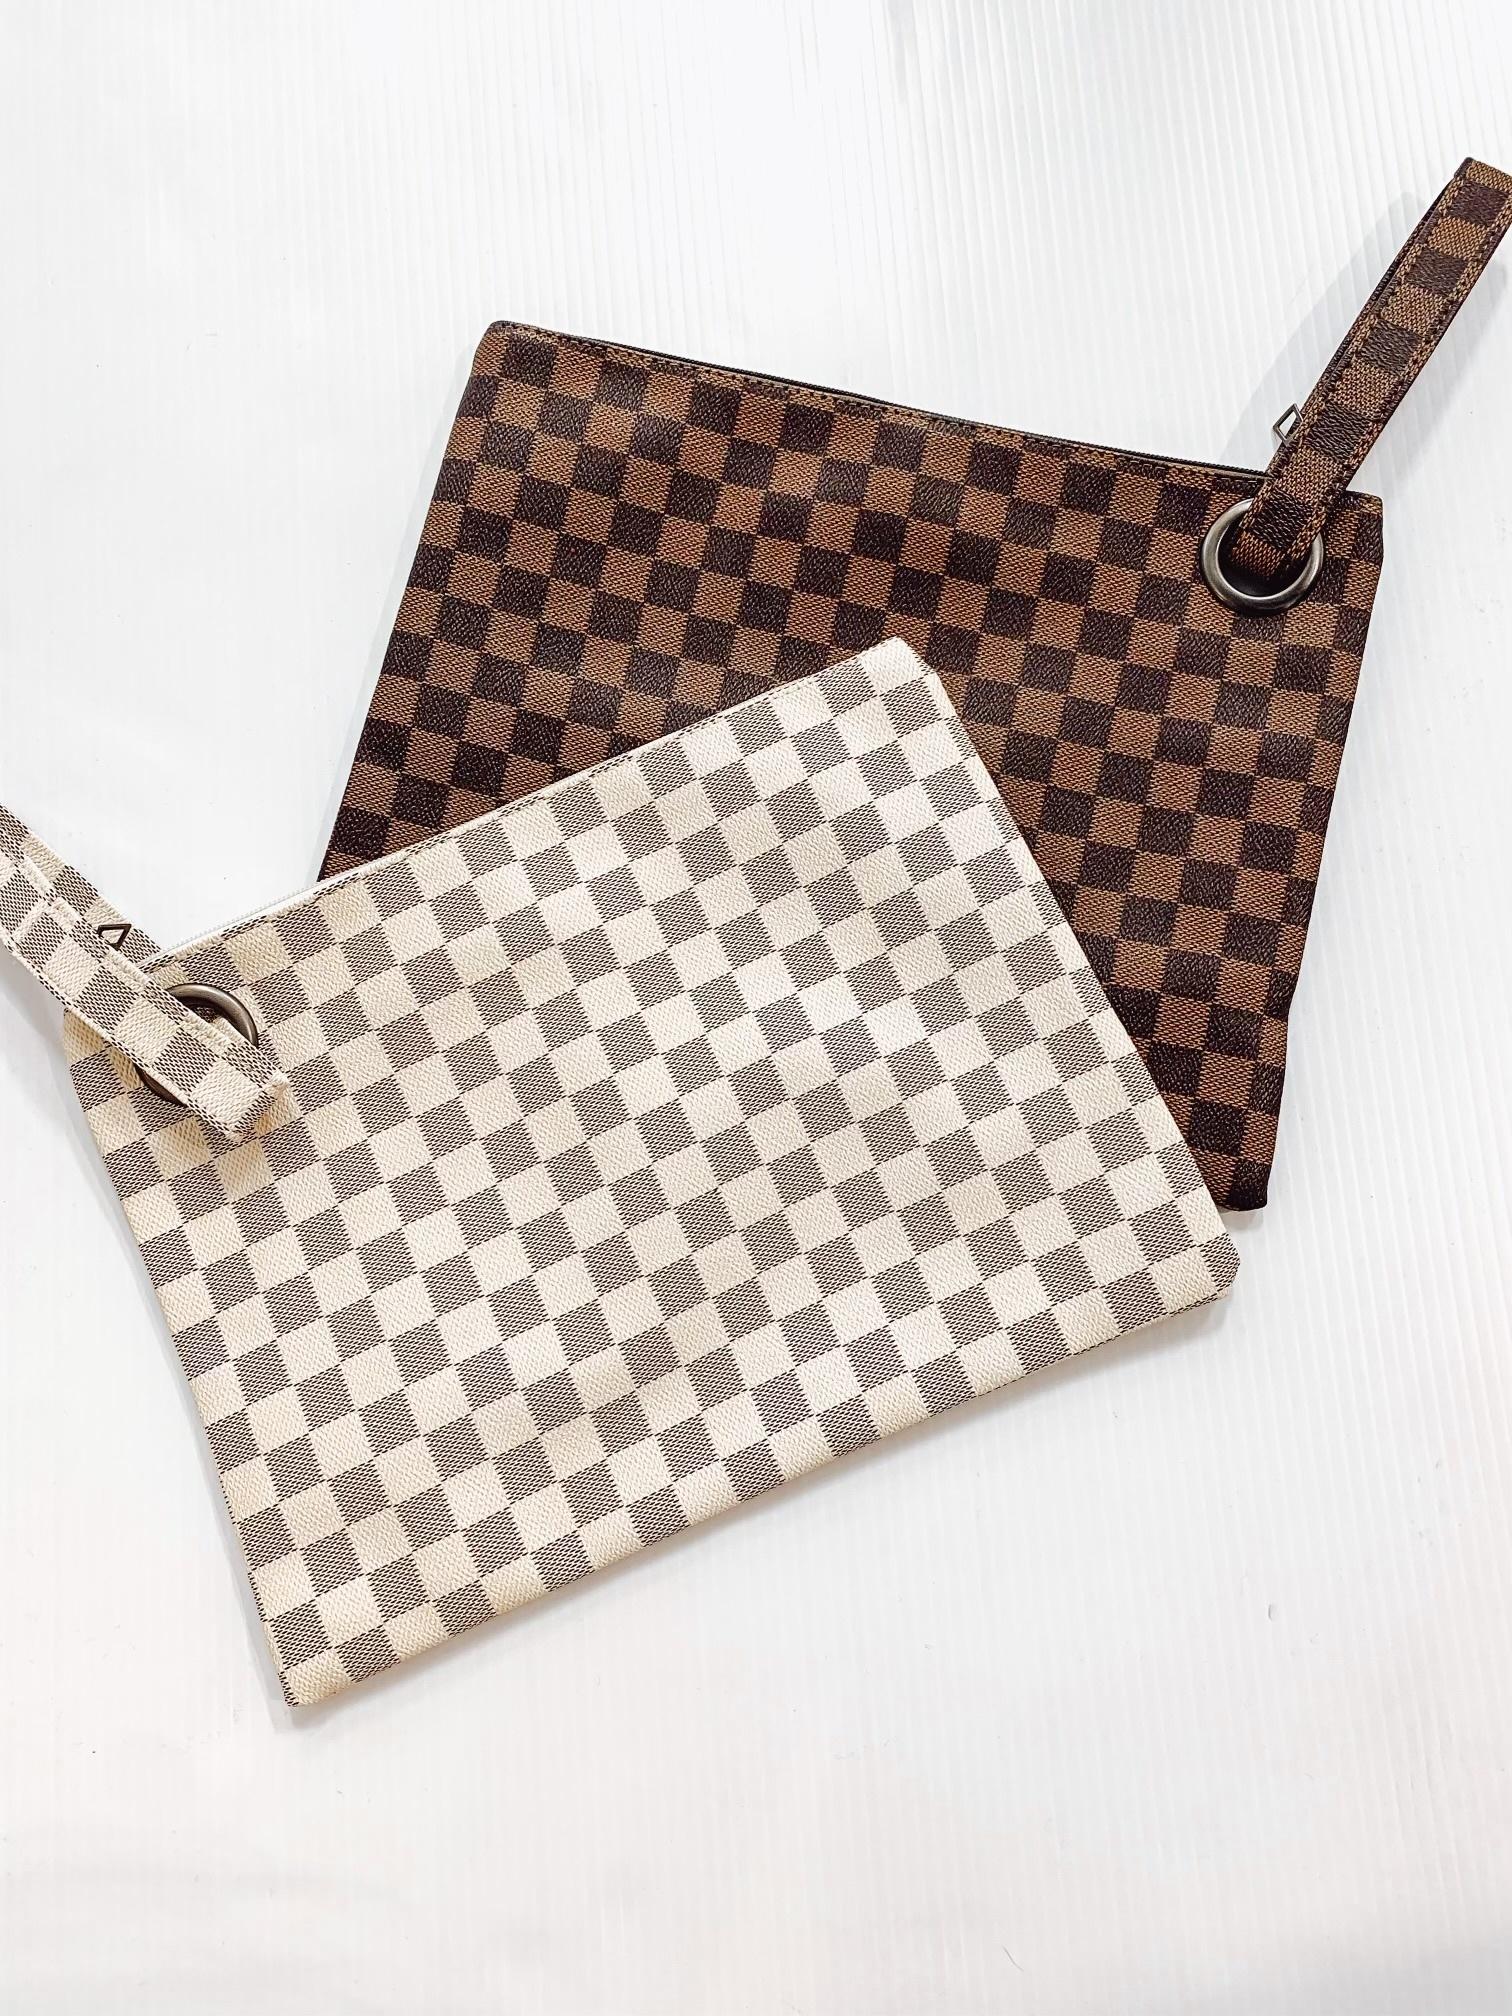 Designer Inspired Checkered Clutch